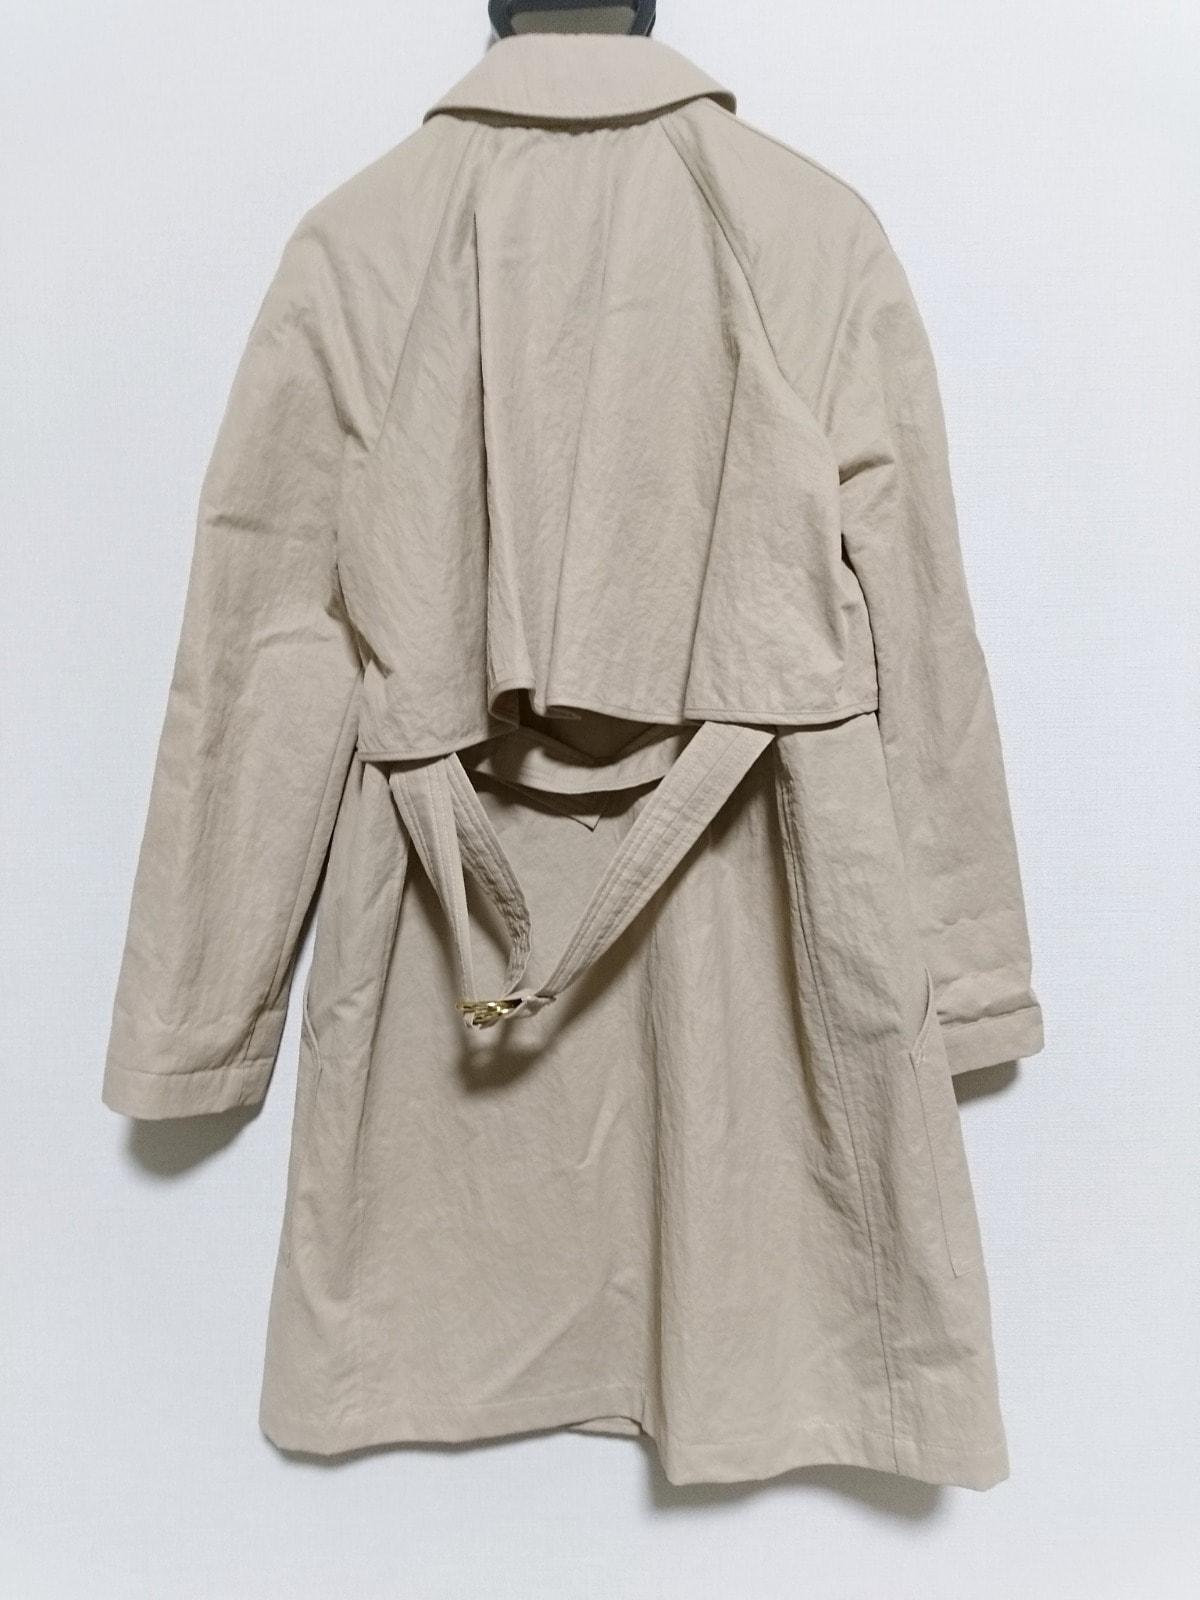 Sanandres(サンアンドレ)のコート